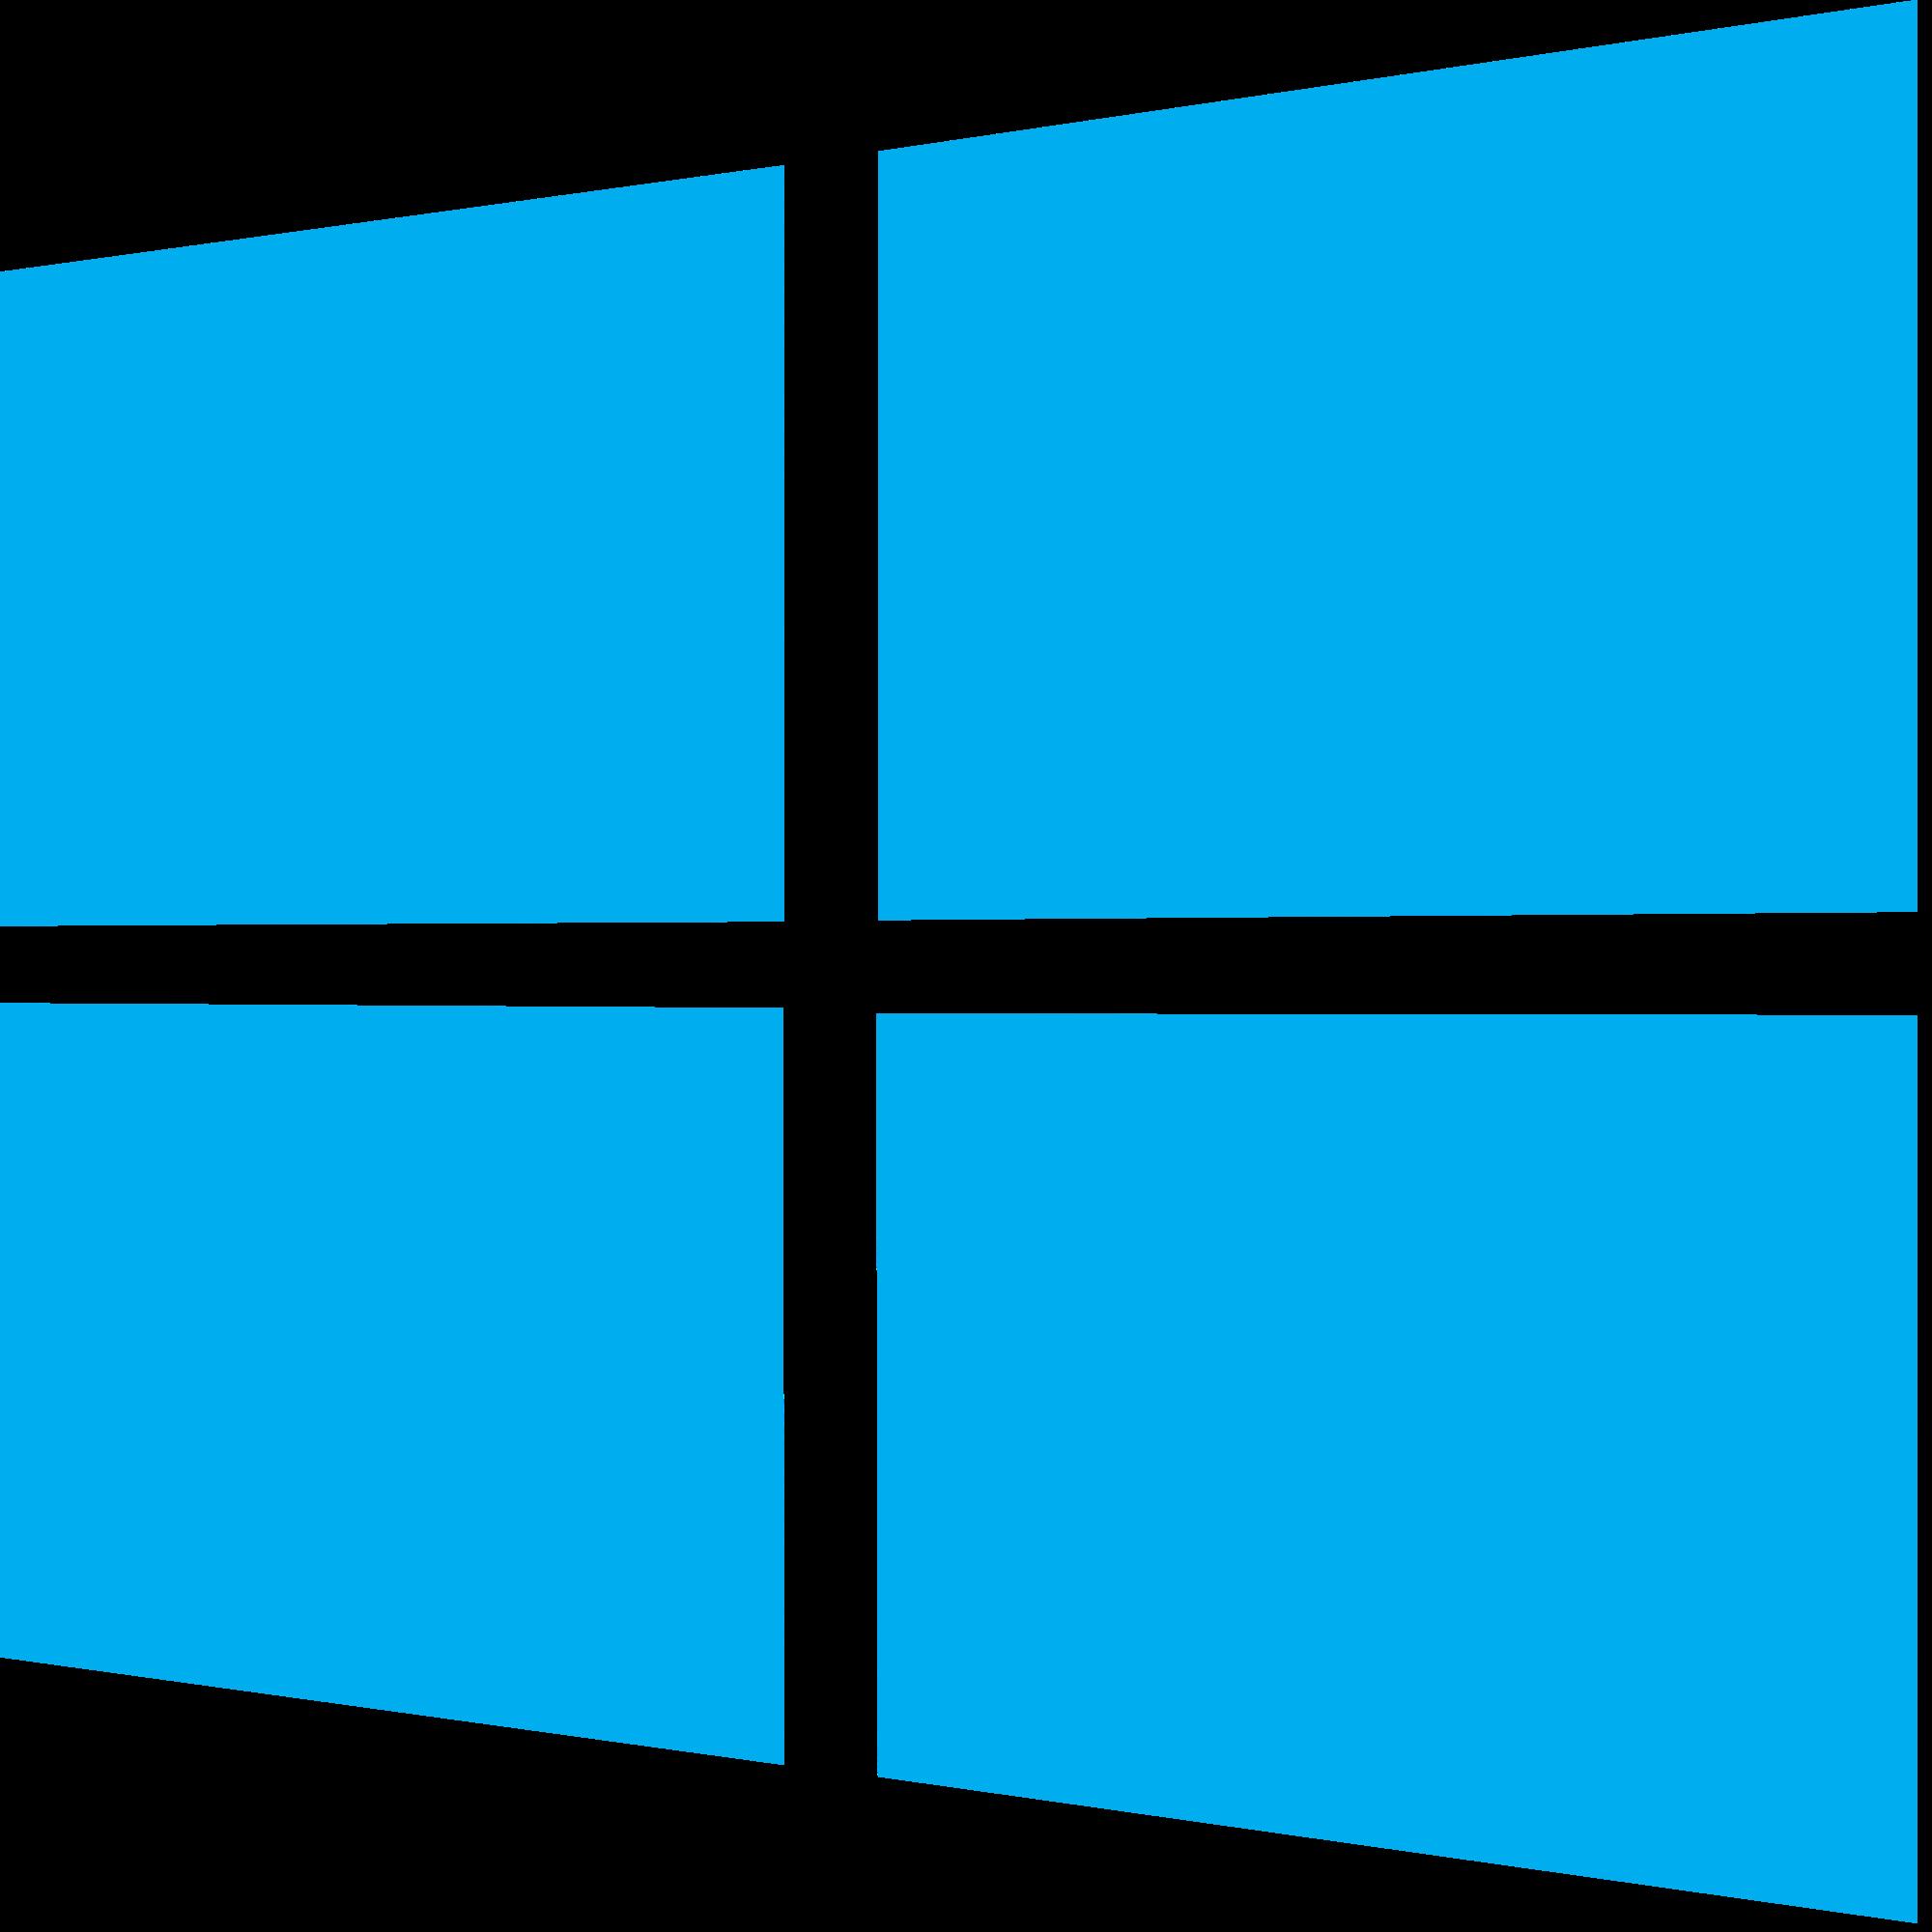 Démarrer en mode sans échec Windows 8 - Rene.E Laboratory